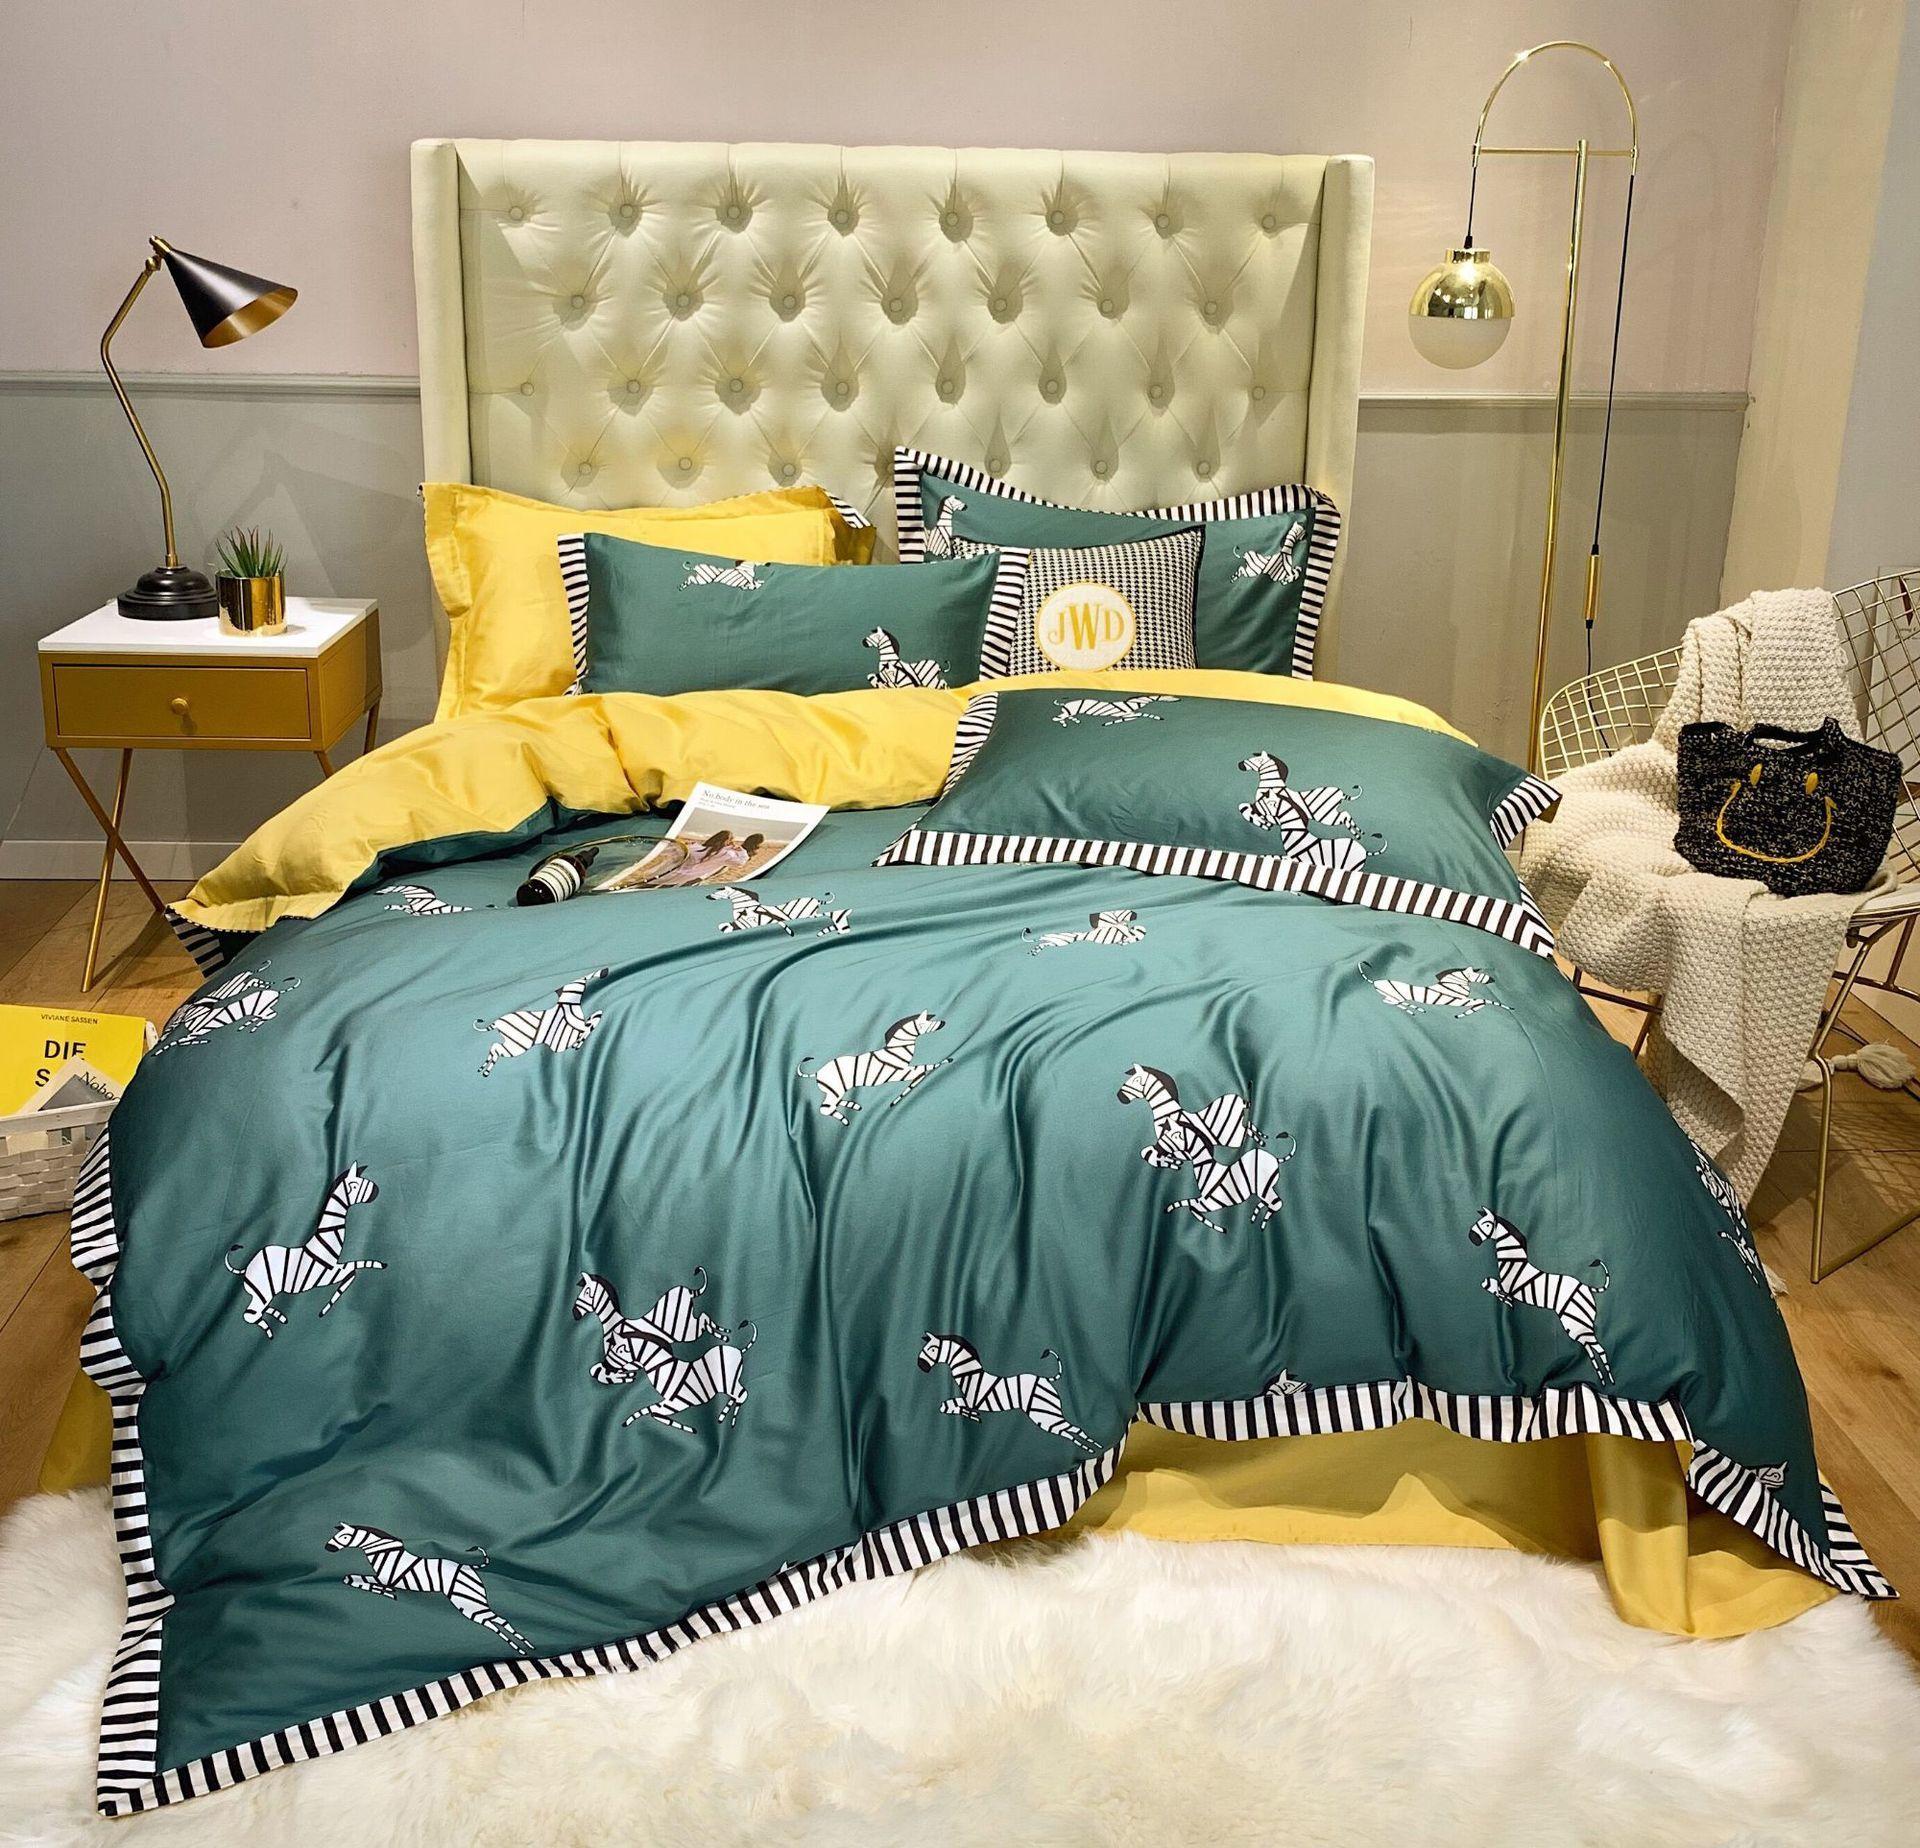 100% puro algodón 2019nuevo juego de ropa de cama de dibujos animados adorable cebra impreso amarillo edredón cubierta de Color sólido gris sábana doble reina rey - 6